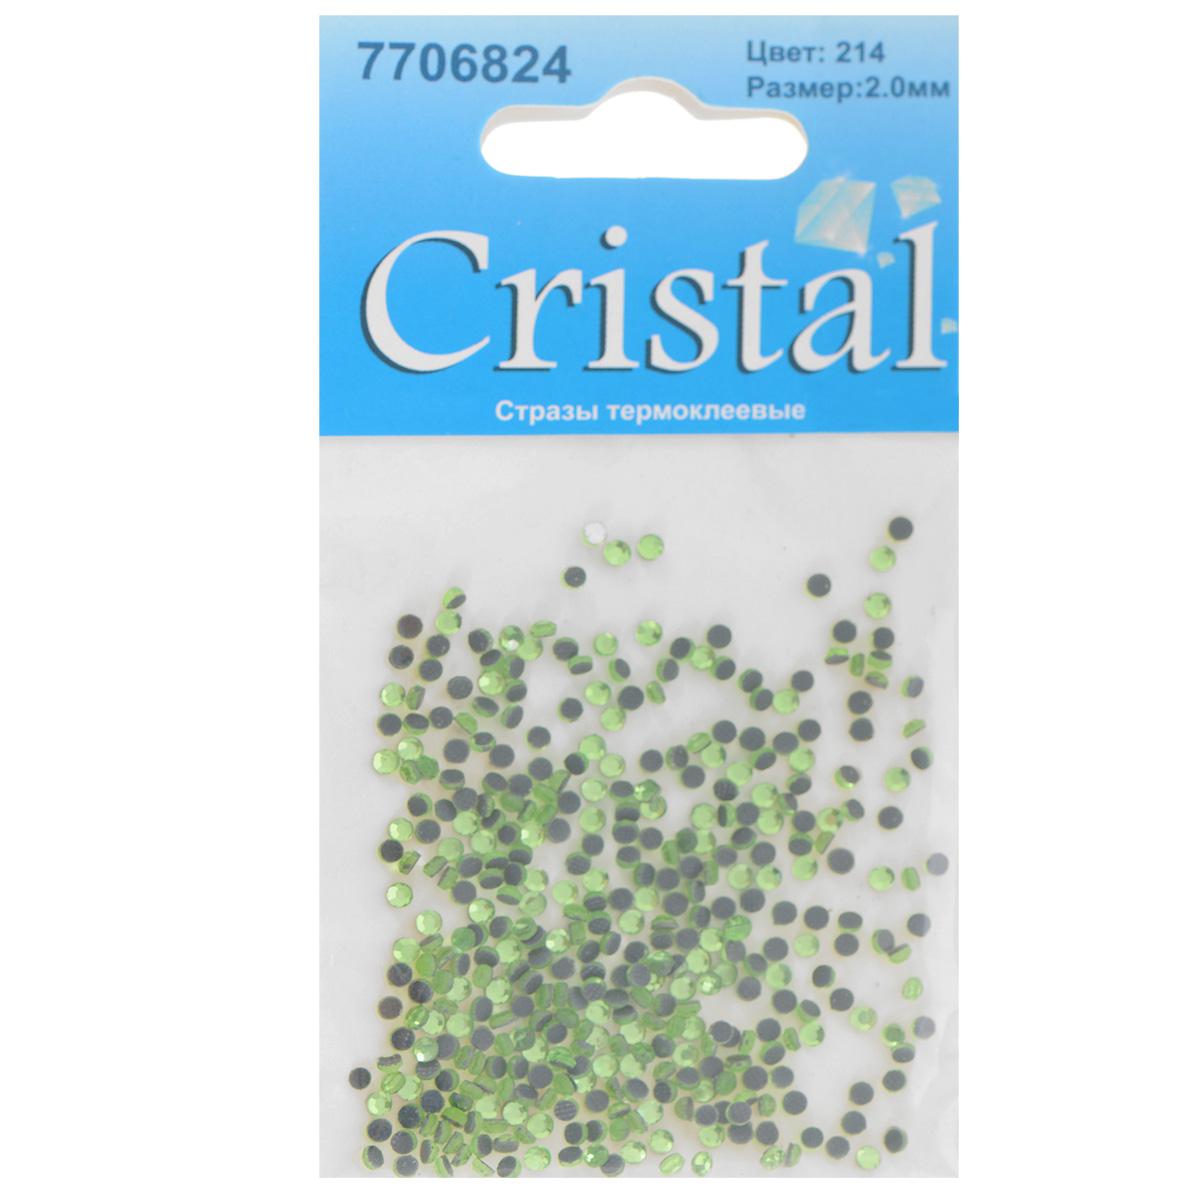 Стразы термоклеевые Cristal, цвет: светло-зеленый (214), диаметр 2 мм, 432 шт7706824_214Набор термоклеевых страз Cristal, изготовленный из высококачественного акрила, позволит вам украсить одежду, аксессуары или текстиль. Яркие стразы имеют плоское дно и круглую поверхность с гранями. Дно термоклеевых страз уже обработано особым клеем, который под воздействием высоких температур начинает плавиться, приклеиваясь, таким образом, к требуемой поверхности. Чаще всего их используют в текстильной промышленности: стразы прикладывают к ткани и проглаживают утюгом с обратной стороны. Также можно использовать специальный паяльник. Украшение стразами поможет сделать любую вещь оригинальной и неповторимой. Диаметр страз: 2 мм.